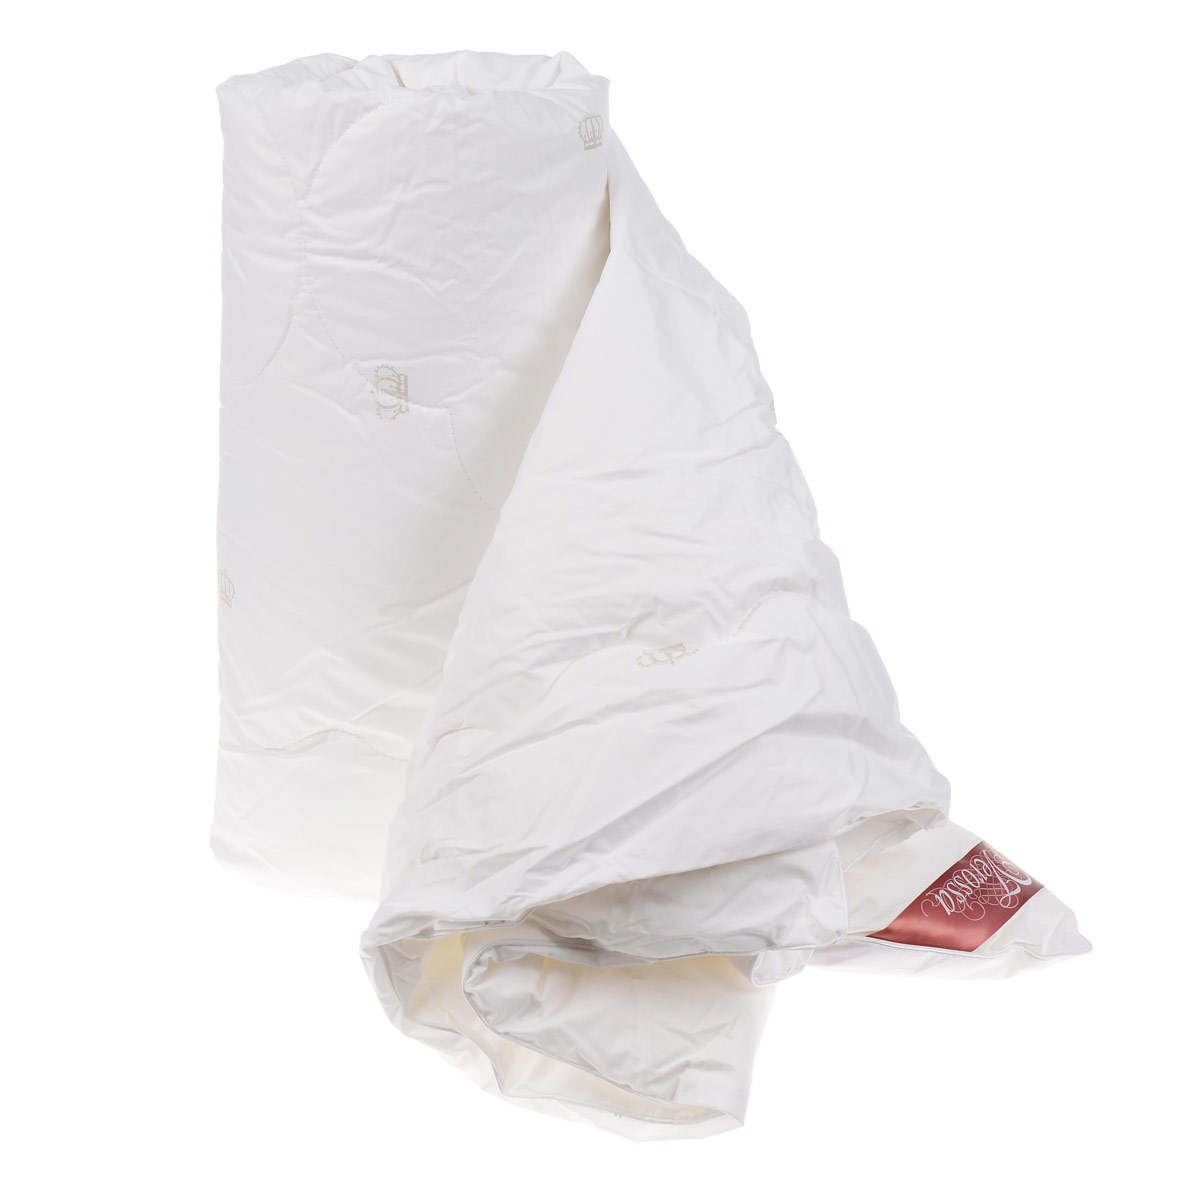 Одеяло Verossa, наполнитель: лебяжий пух, цвет: белый, 200 см х 220 см157824Одеяло Verossa - стильная и комфортная постельная принадлежность, которая подарит уют и позволит окунуться в здоровый и спокойный сон. Чехол одеяла выполнен из перкаля пуходержащего (100% хлопка). Внутри - наполнитель из искусственного лебяжьего пуха, который является аналогом натурального пуха и представляет собой сверхтонкое волокно нового поколения. Благодаря этому одеяло очень мягкое и легкое, не накапливает пыль и запахи. Важным преимуществом является гипоаллергенность наполнителя, поэтому одеяло отлично подходит как взрослым, так и детям. Легкое и объемное, оно имеет среднюю степень теплоты и отличную терморегуляцию: под ним будет тепло зимой и не жарко летом. Рекомендации по уходу: - Можно стирать в стиральной машине при температуре не выше 30°С. - Не отбеливать. - Не гладить. - Нельзя отжимать и сушить в стиральной машине. - Химчистка с мягким растворителем. - Сушить вертикально. Материал чехла: перкаль пуходержащий (100% хлопок). Наполнитель: искусственный лебяжий пух (100% полиэстер). Размер: 200 см х 220 см.Плотность наполнителя: 150 г/м2.